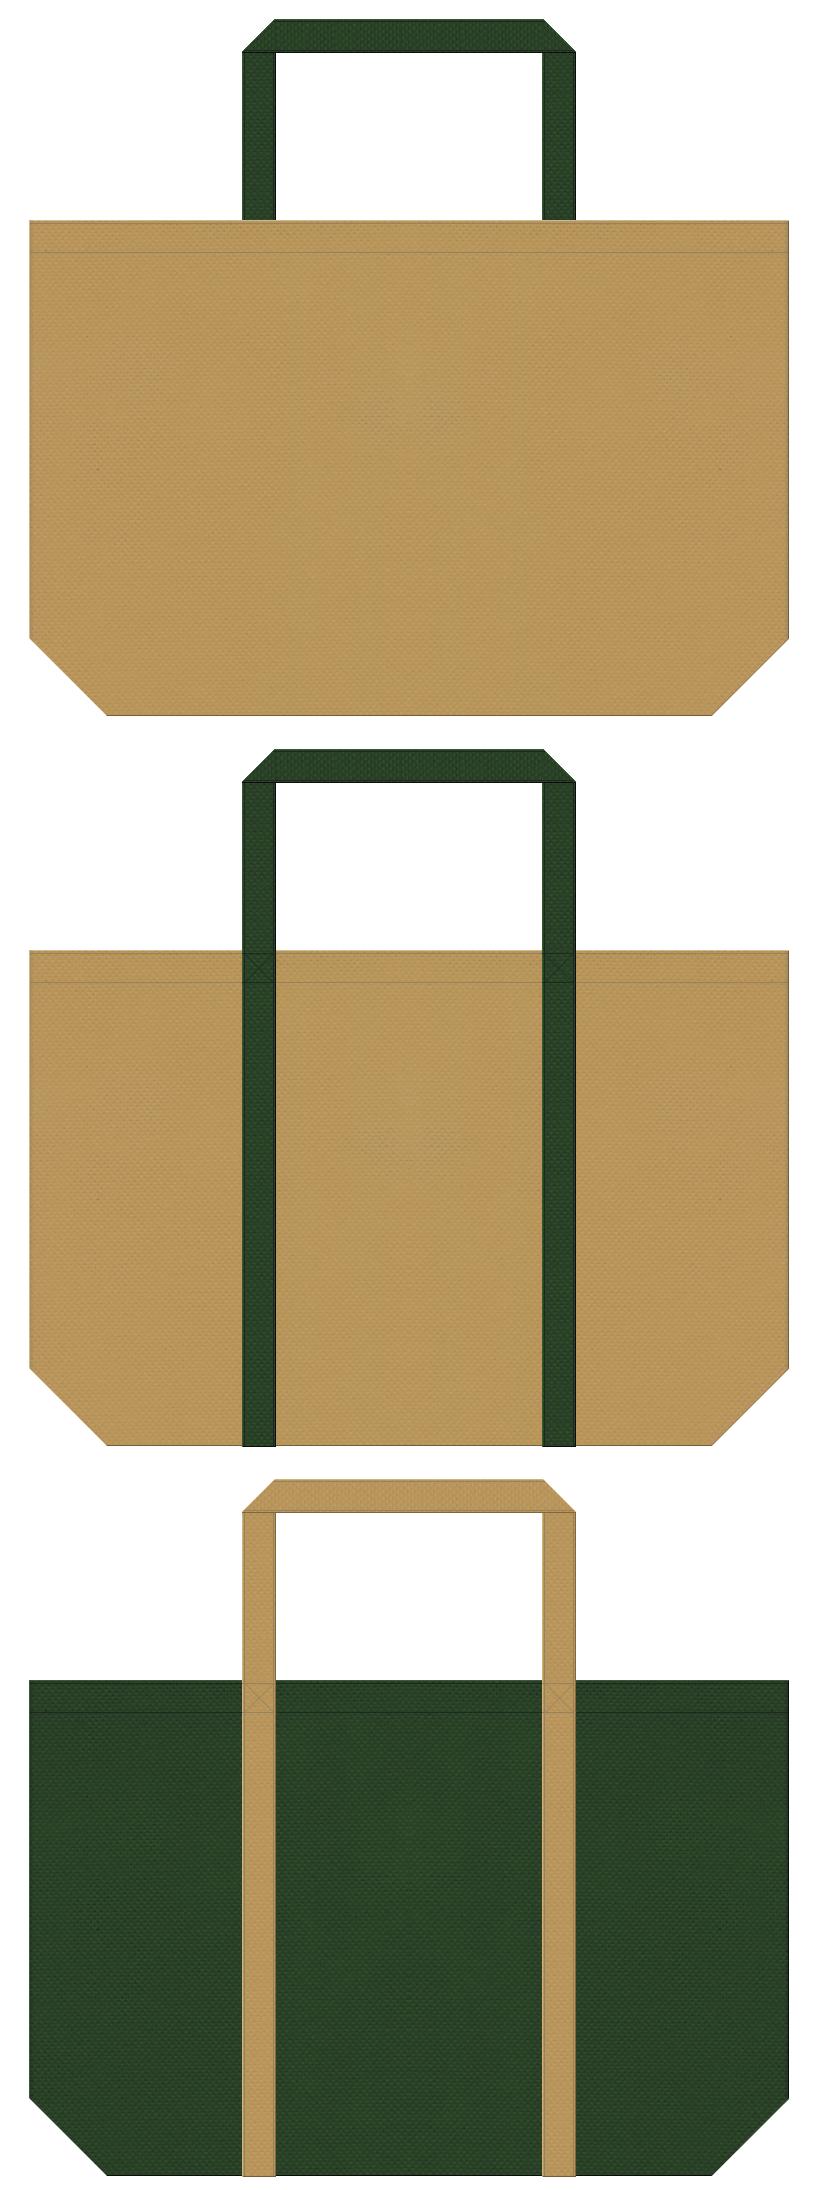 動物園・テーマパーク・探検・ジャングル・恐竜・サバンナ・サファリ・アニマル・迷彩色・キャンプ用品・アウトドア用品のショッピングバッグにお奨めの不織布バッグデザイン:マスタード色と濃緑色のコーデ